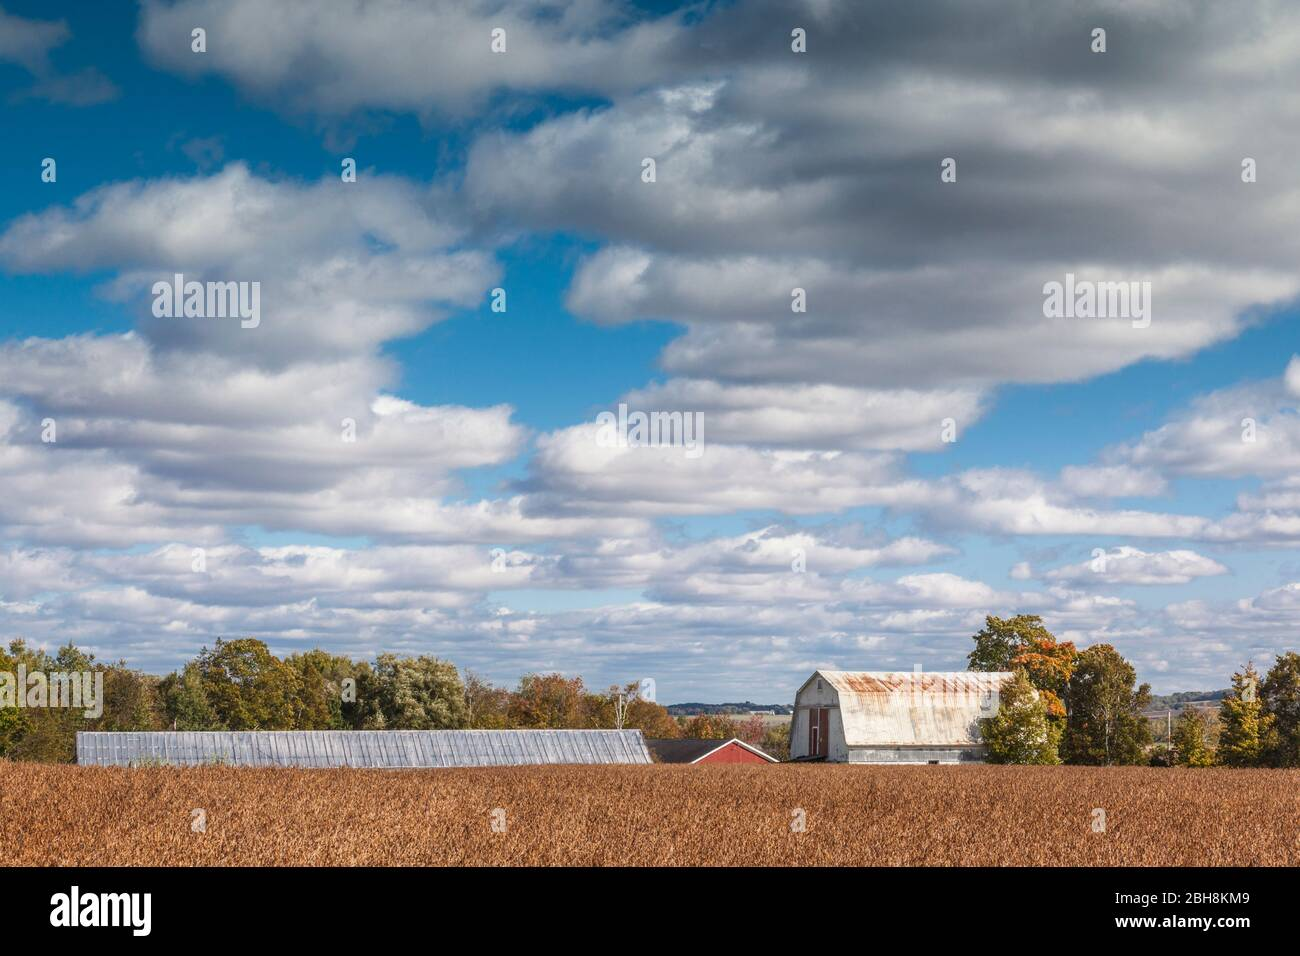 Le Canada, la Nouvelle-Écosse, Annapolis Valley, Wolfville, champs agricoles, automne Banque D'Images